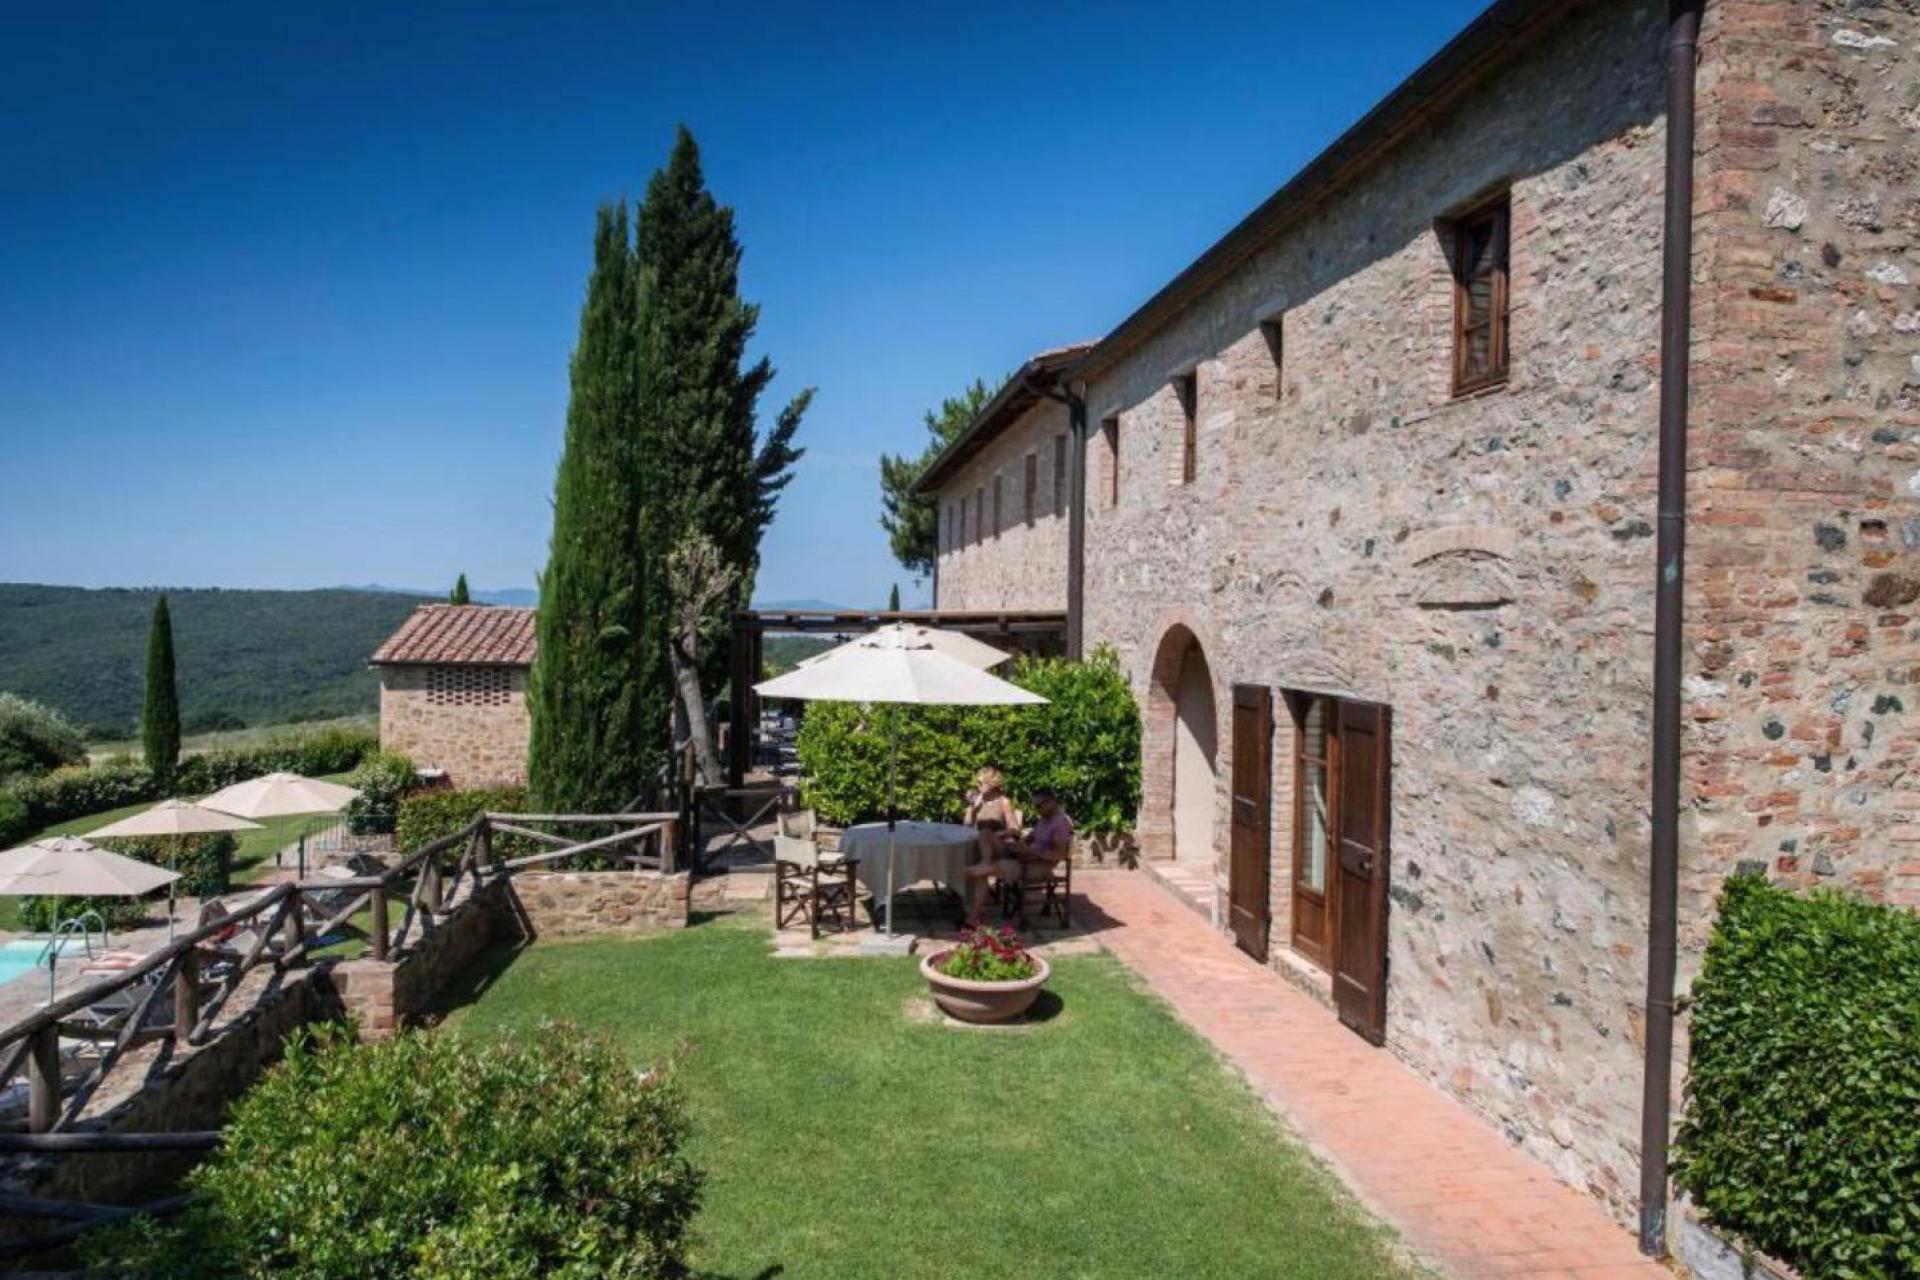 Agriturismo Toscana Agriturismo in Toscana con vera ospitalità italiana